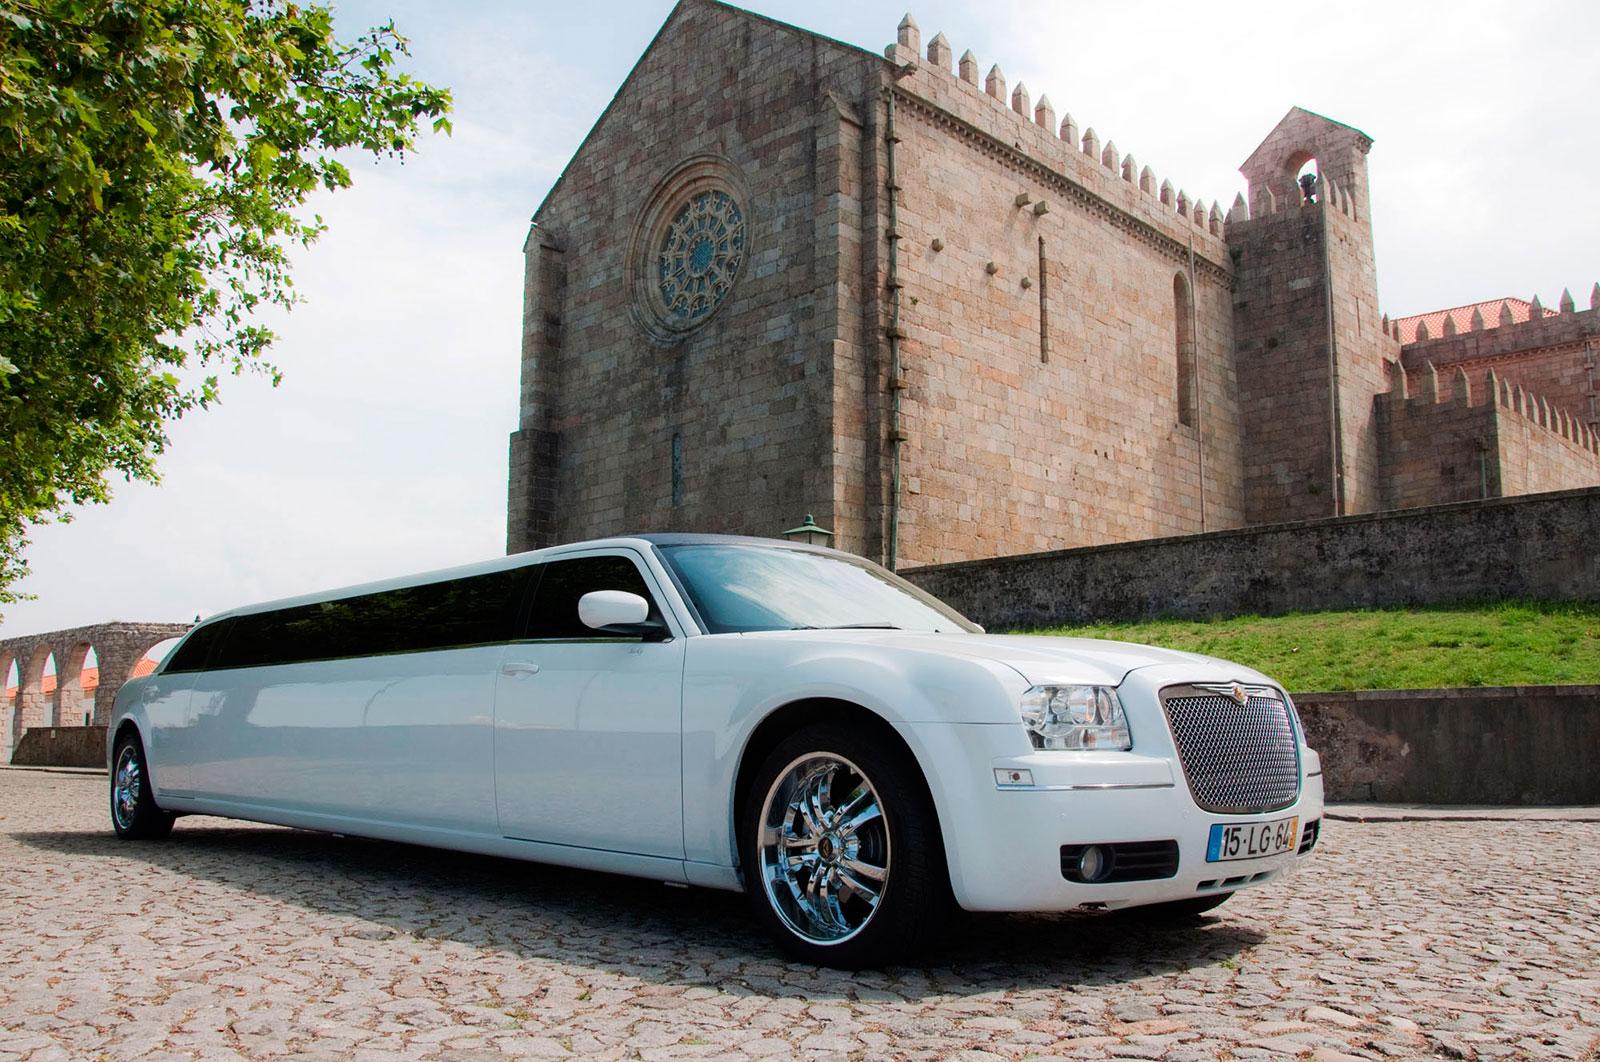 Limoeventos, Limousines, Aluguer de Limousines, Veículos, Limousine Chrysler